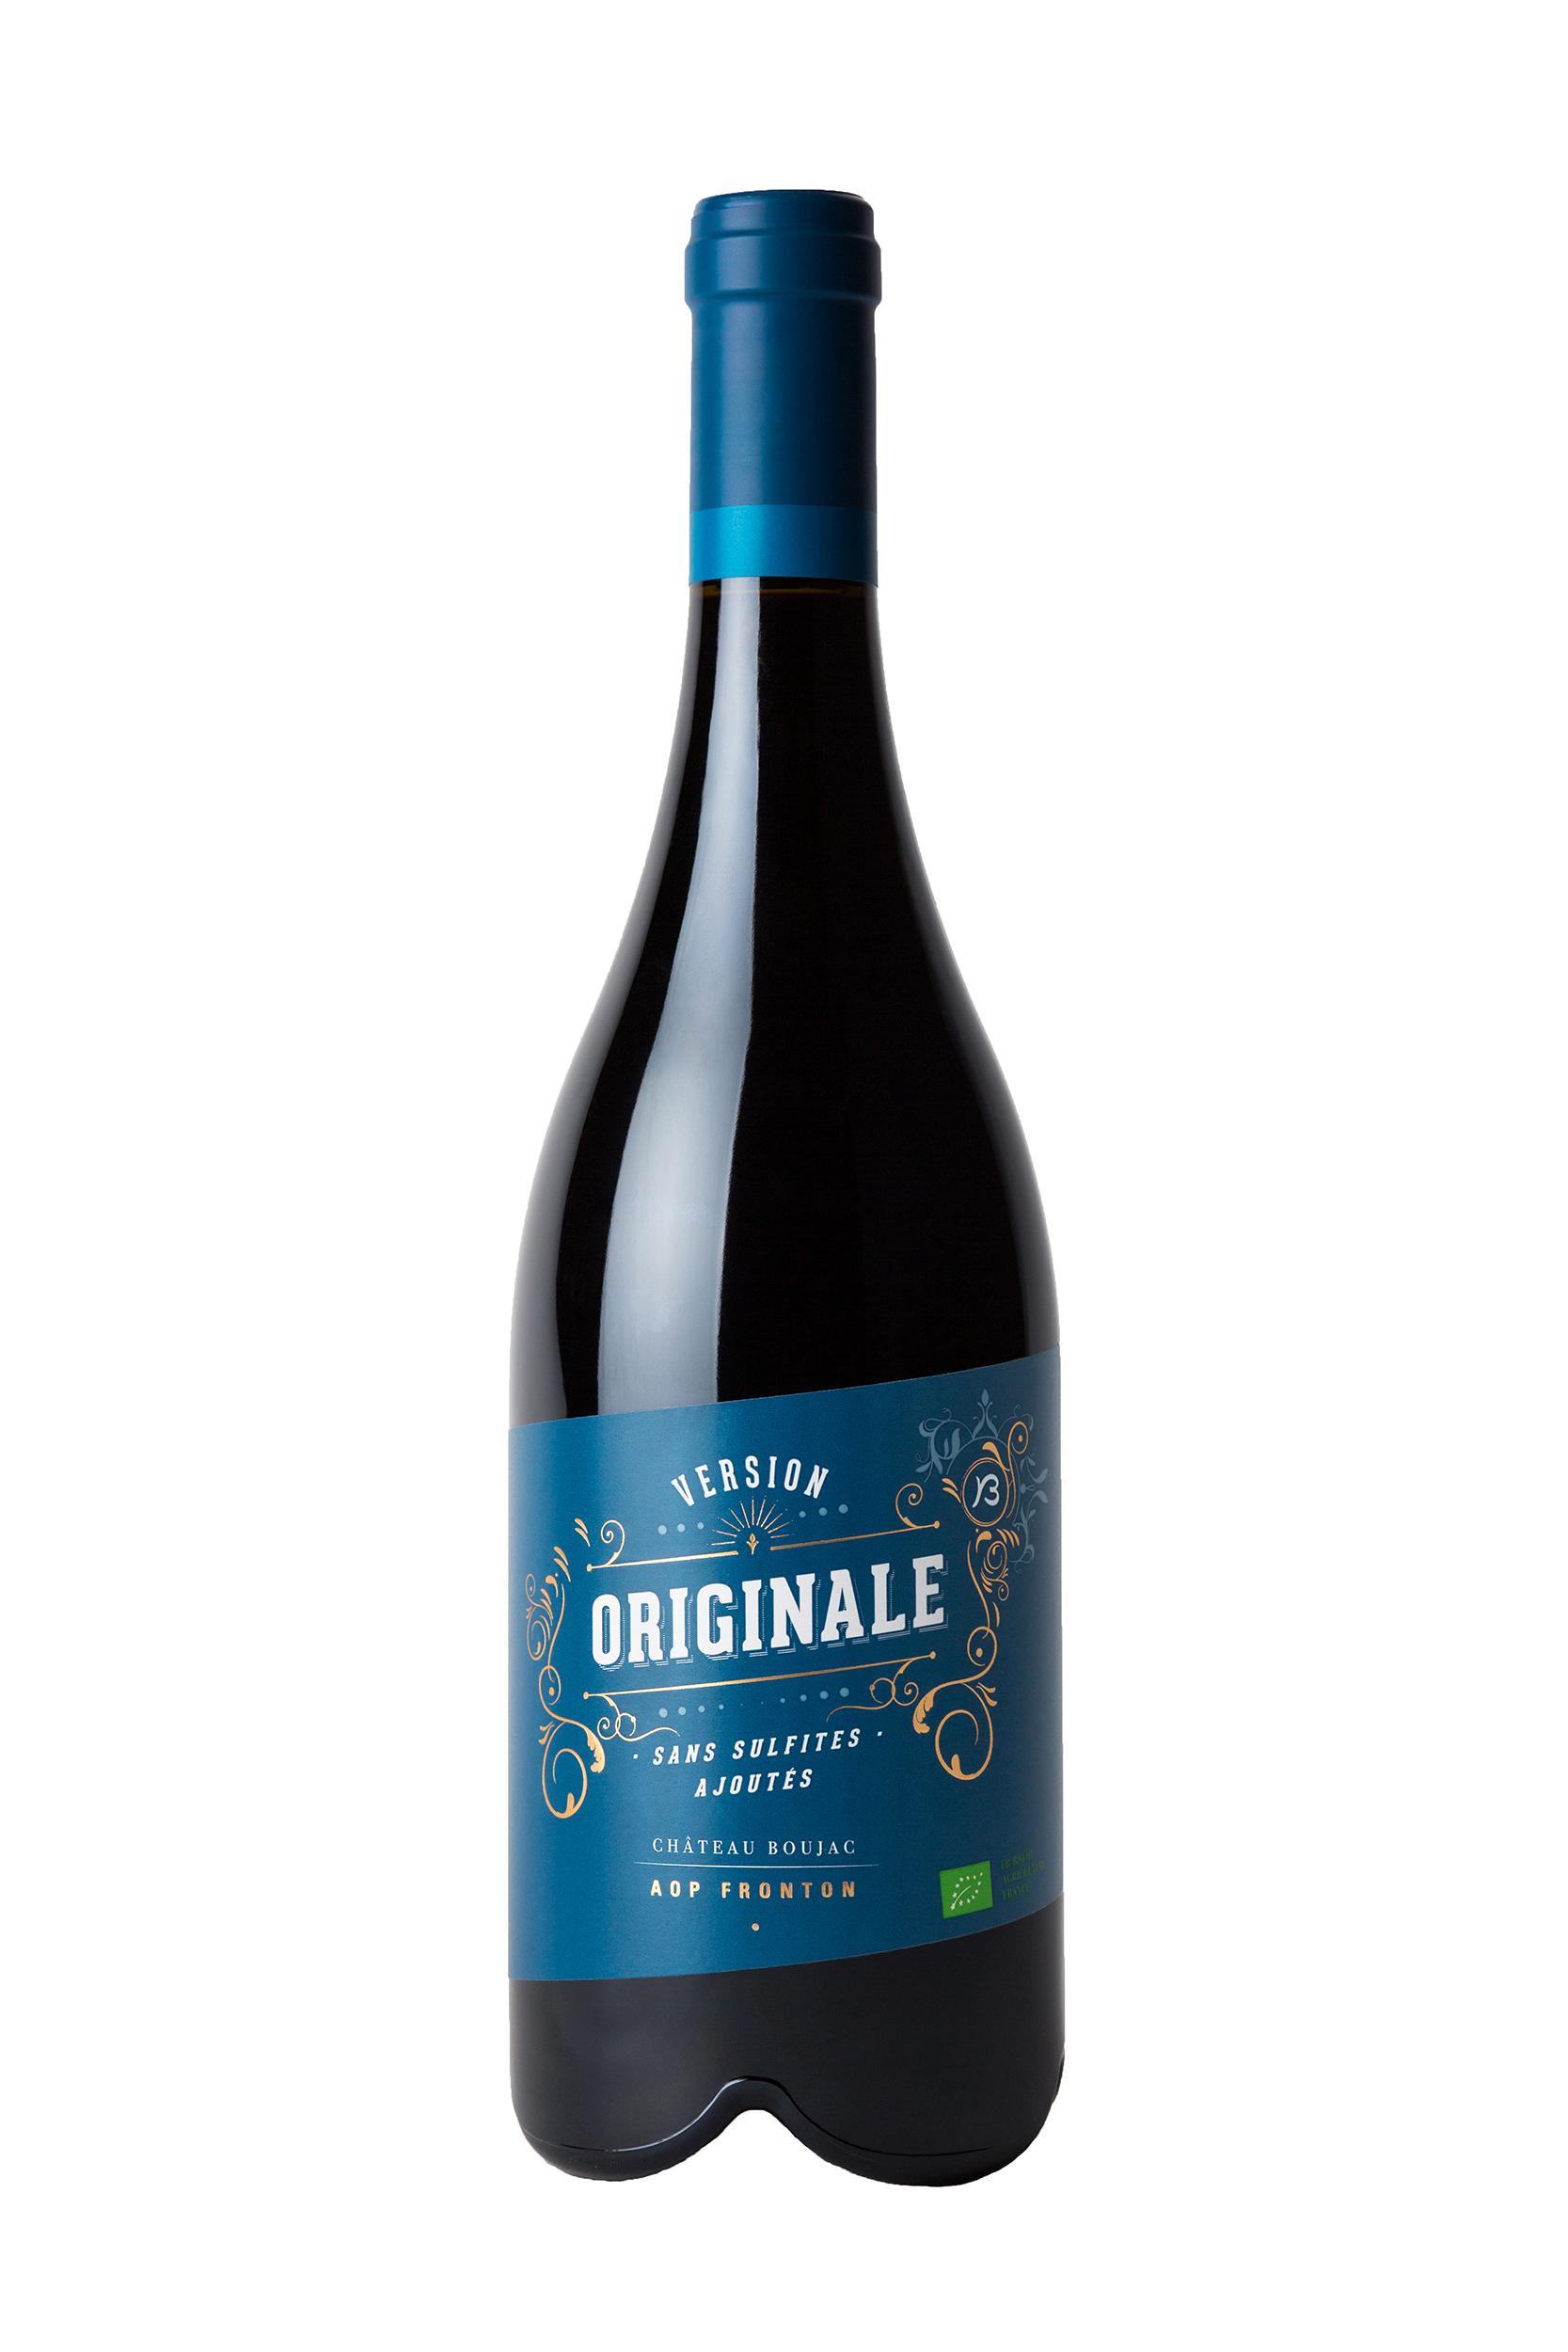 Photographie d'une bouteille de vin rouge sur fond blanc